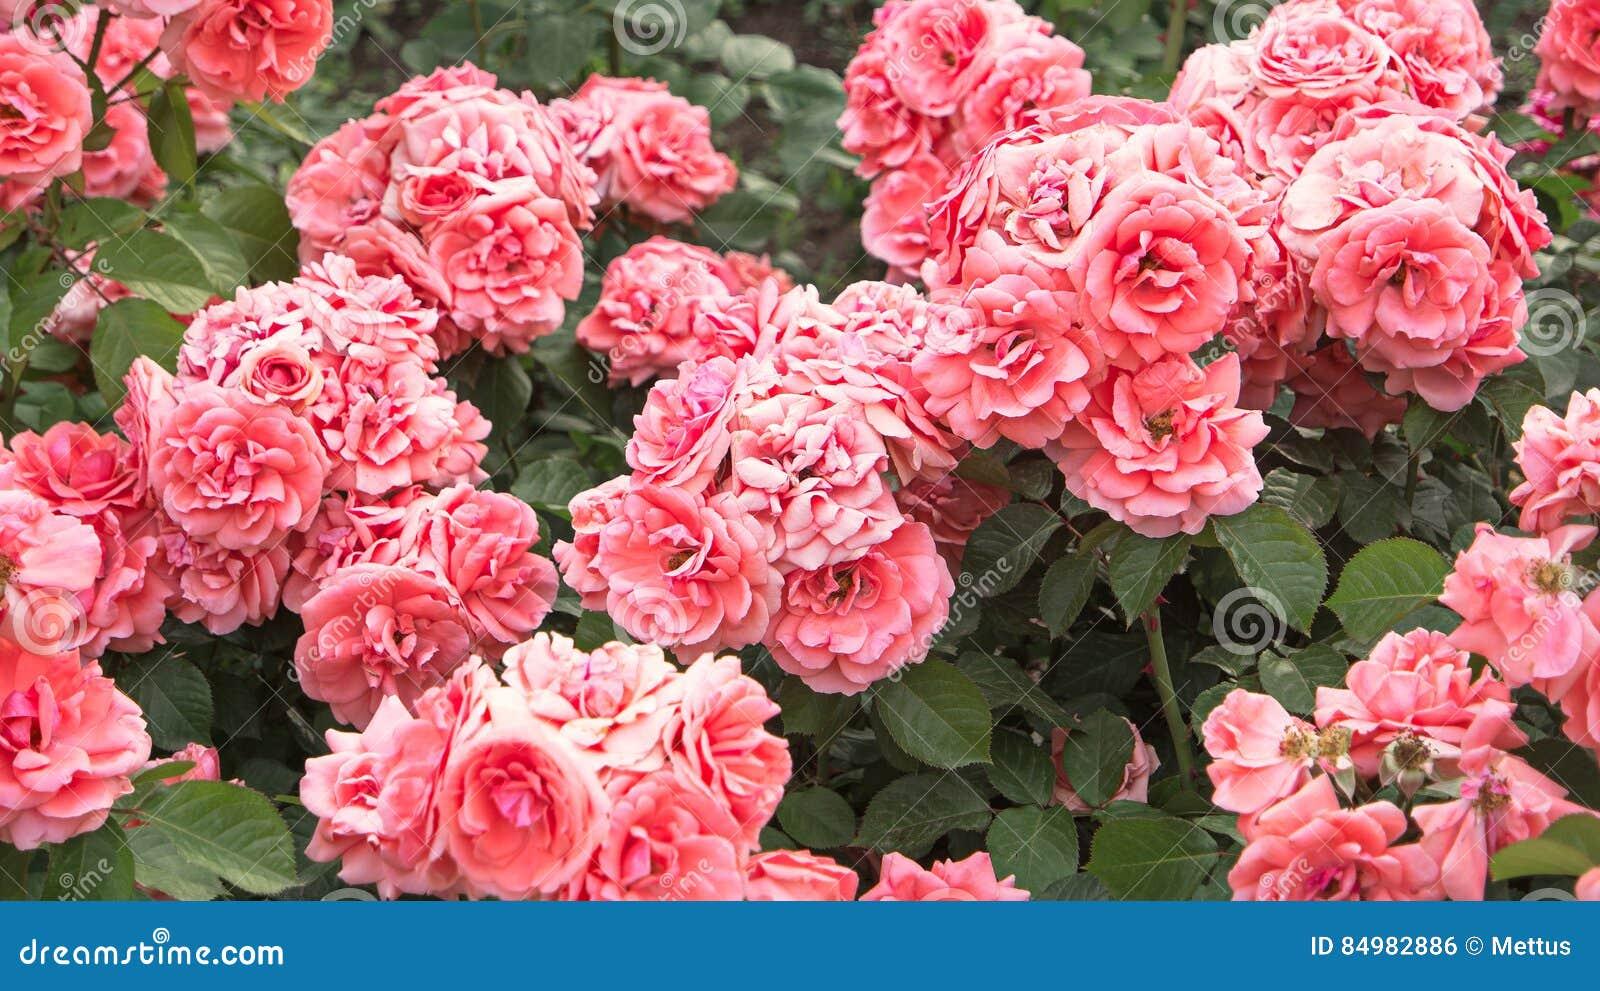 Verbleek - roze rozenstruik in tuin, uitstekende kleur Struik van mooie roze rozen